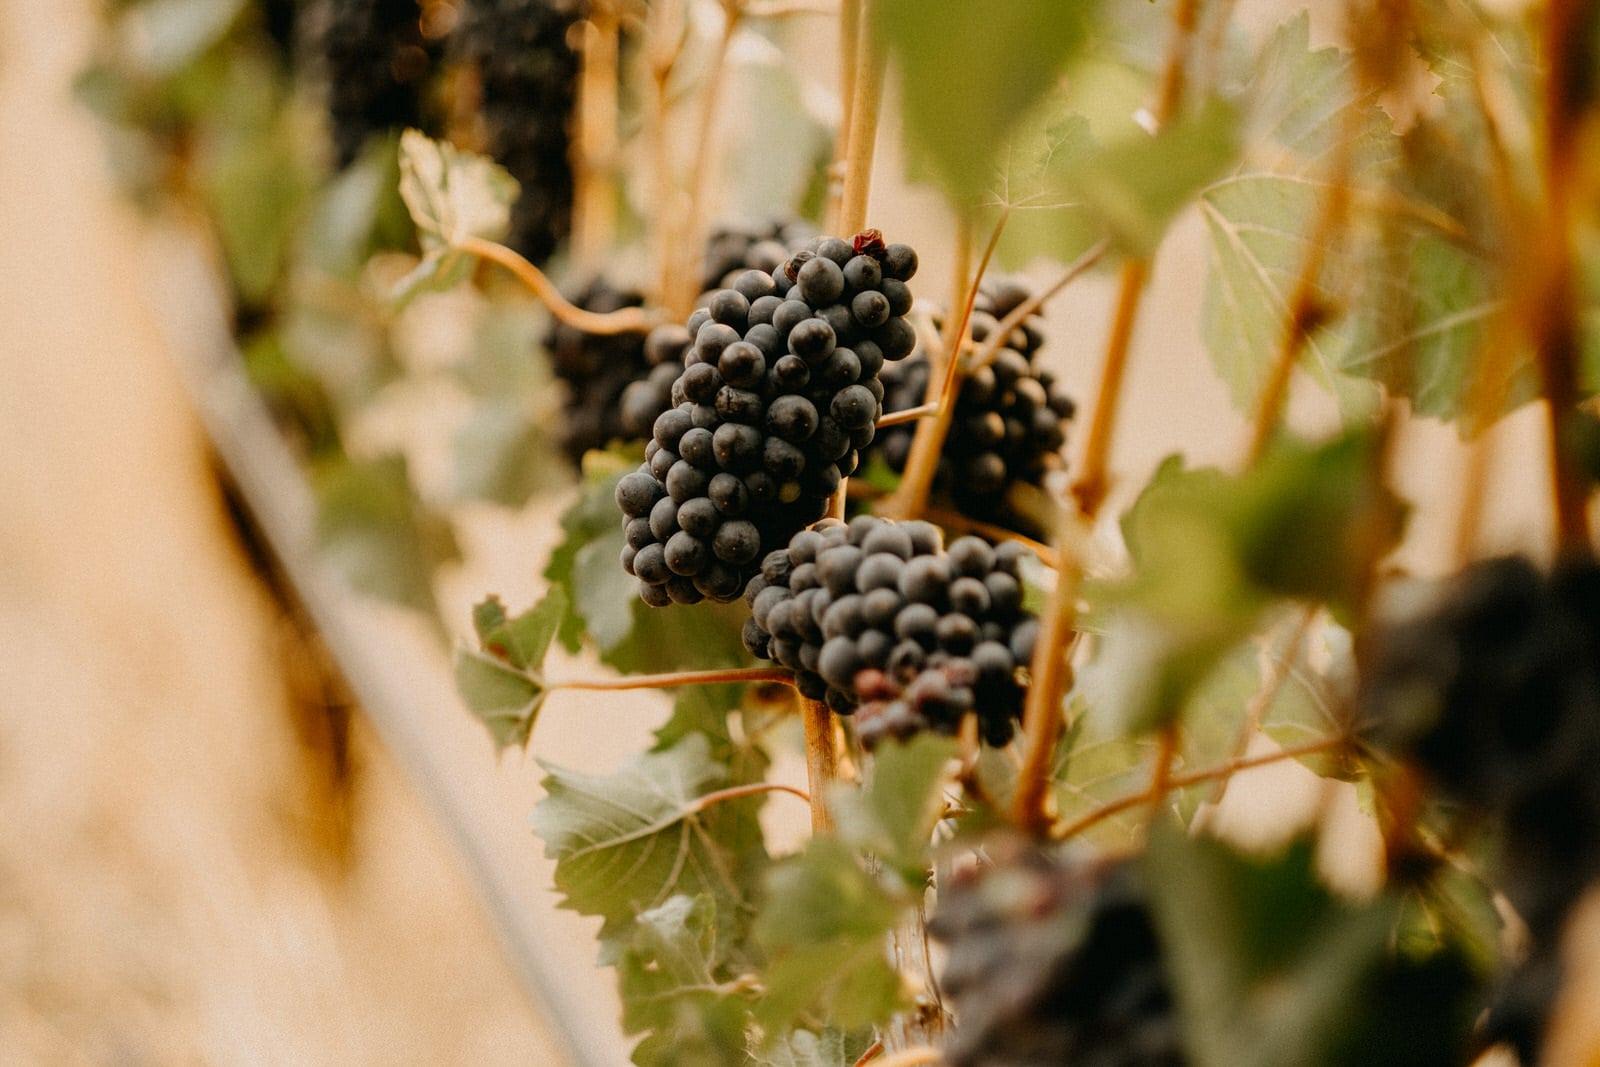 coppola family vineyard in oregon